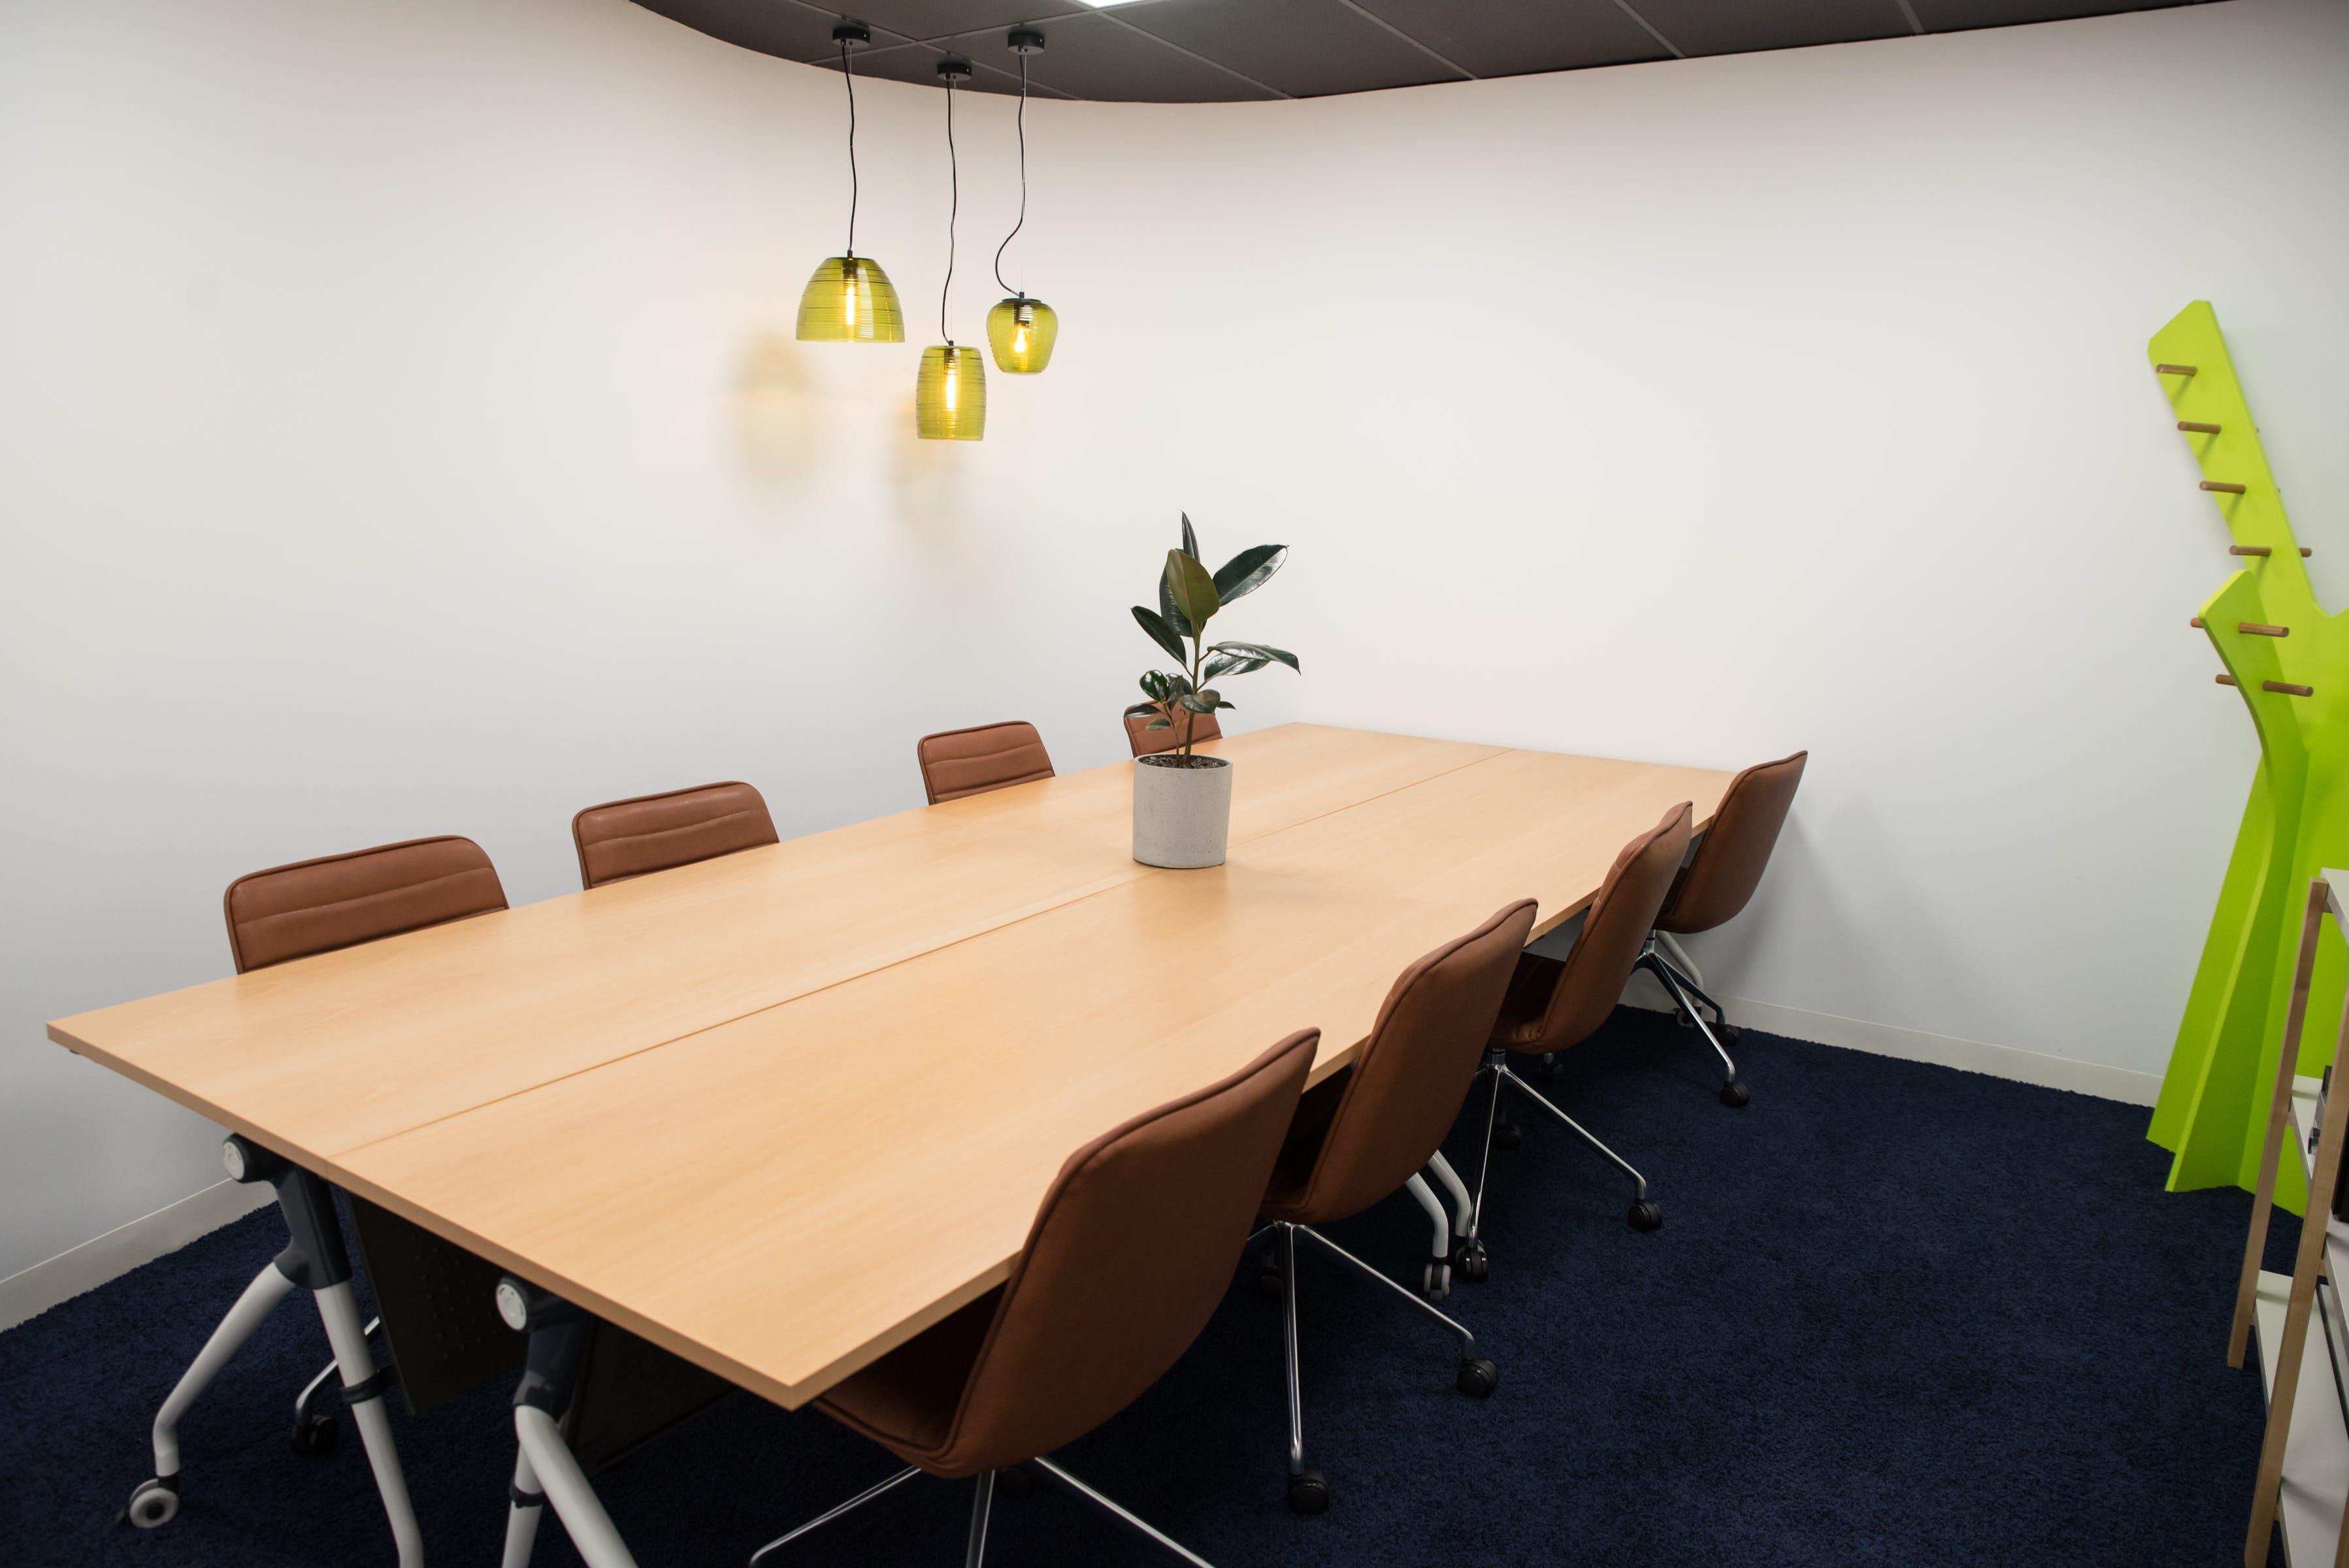 Tanya, meeting room at CoWork Me St Kilda, image 1